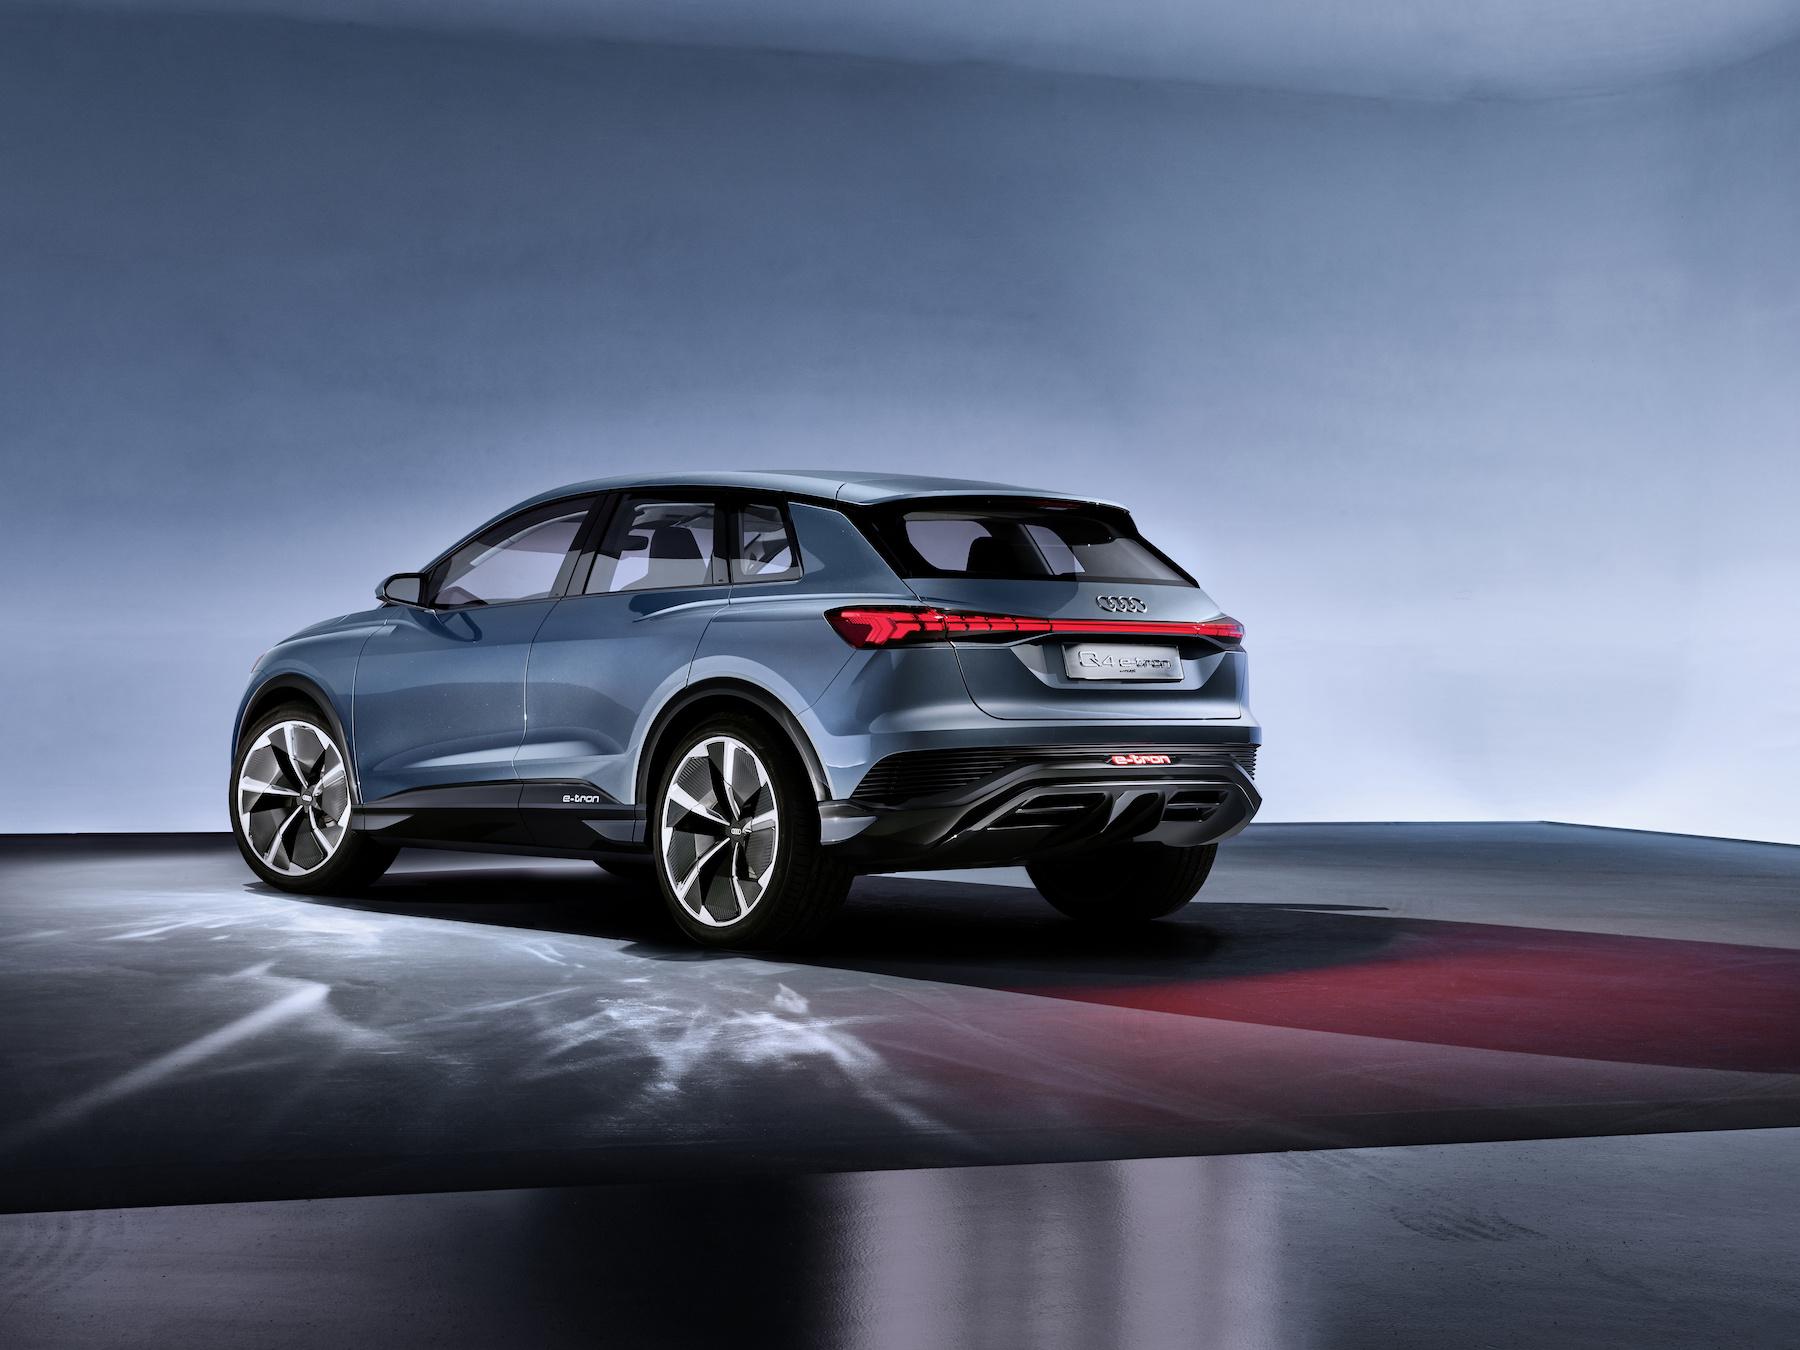 Der Audi Q4 e-tron concept kommt mit einem E-Motor pro Achse. (AUDI)